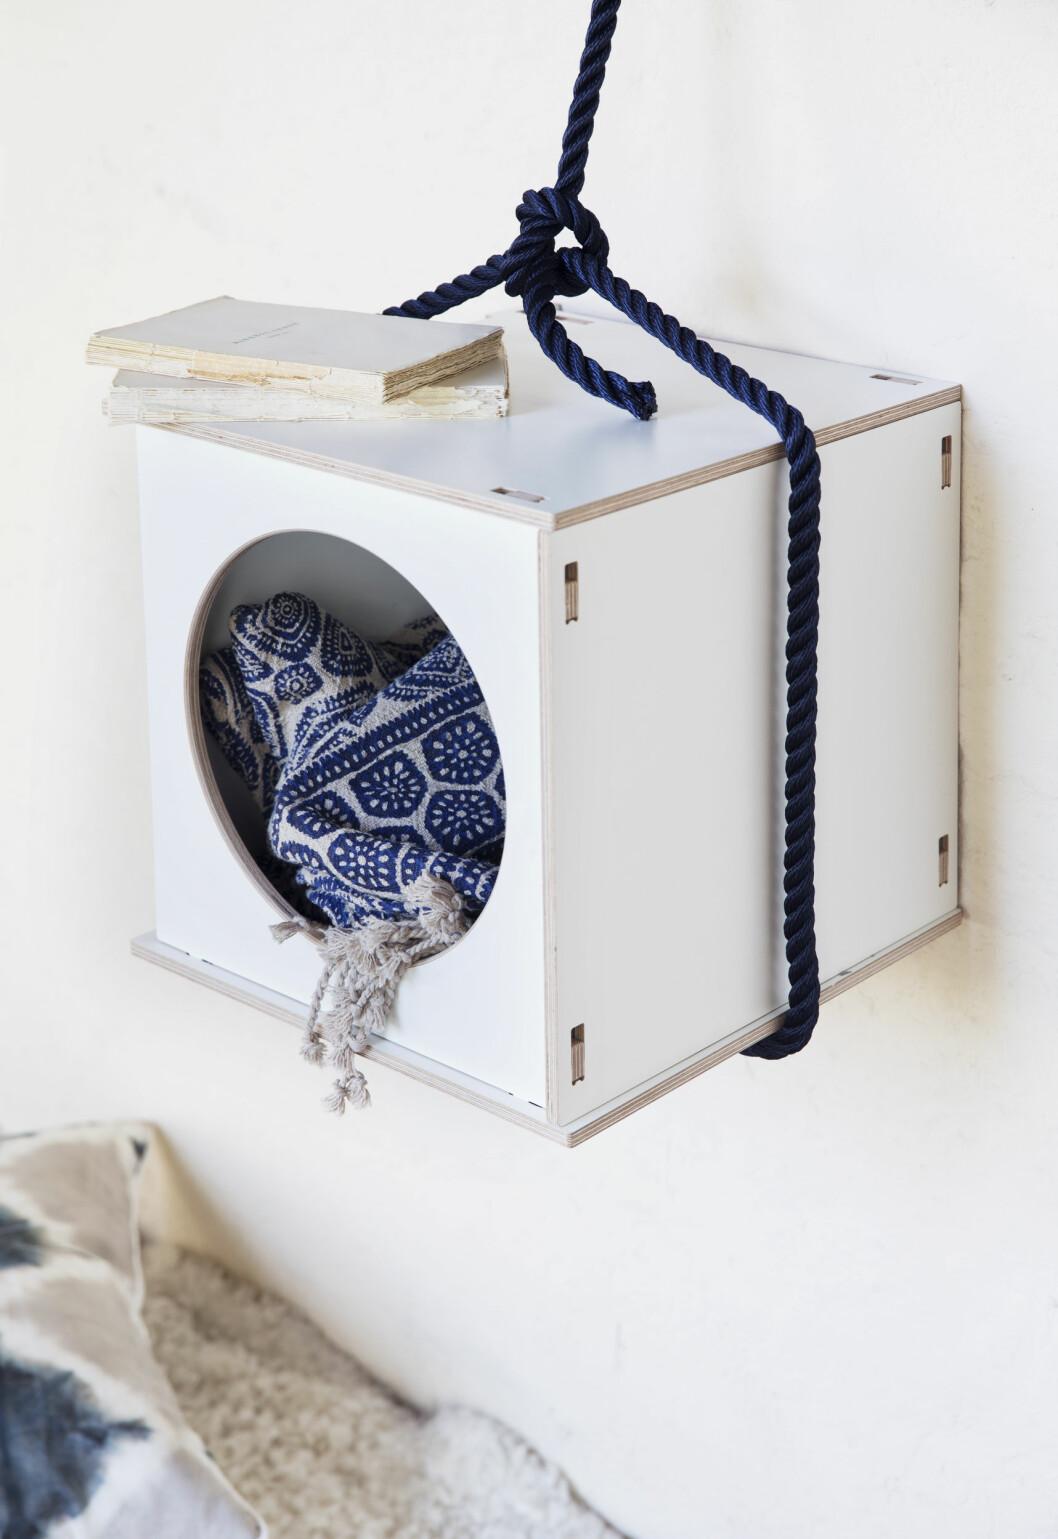 HANDLELISTE: Denne boksen fra bolina.no kan også stables (kr 699) www.bolina.no). Henges opp med et fint tau fra jernia.no. Blått teppe fra verketinteriør.no (kr 1200). Foto: Yvonne Wilhelmsen